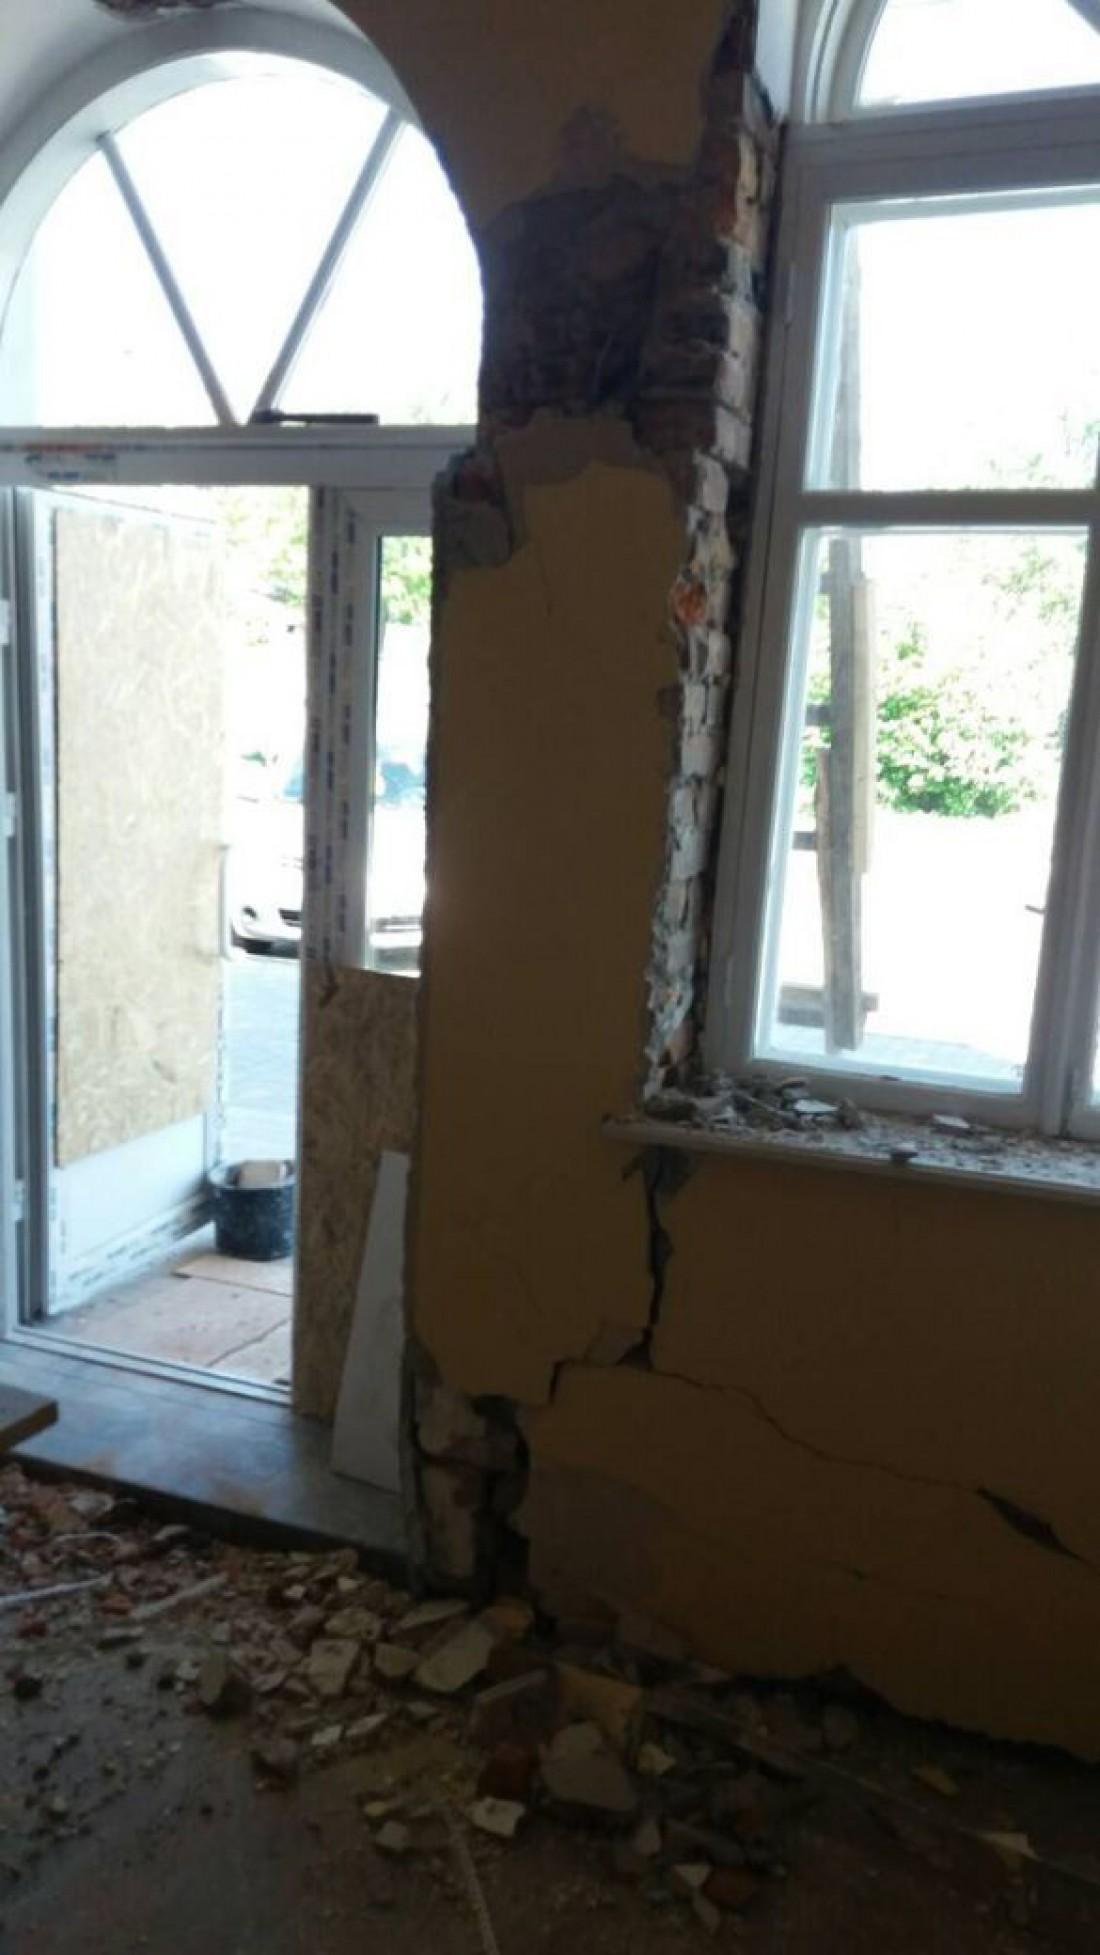 Удар был такой силы, что стена здания треснула